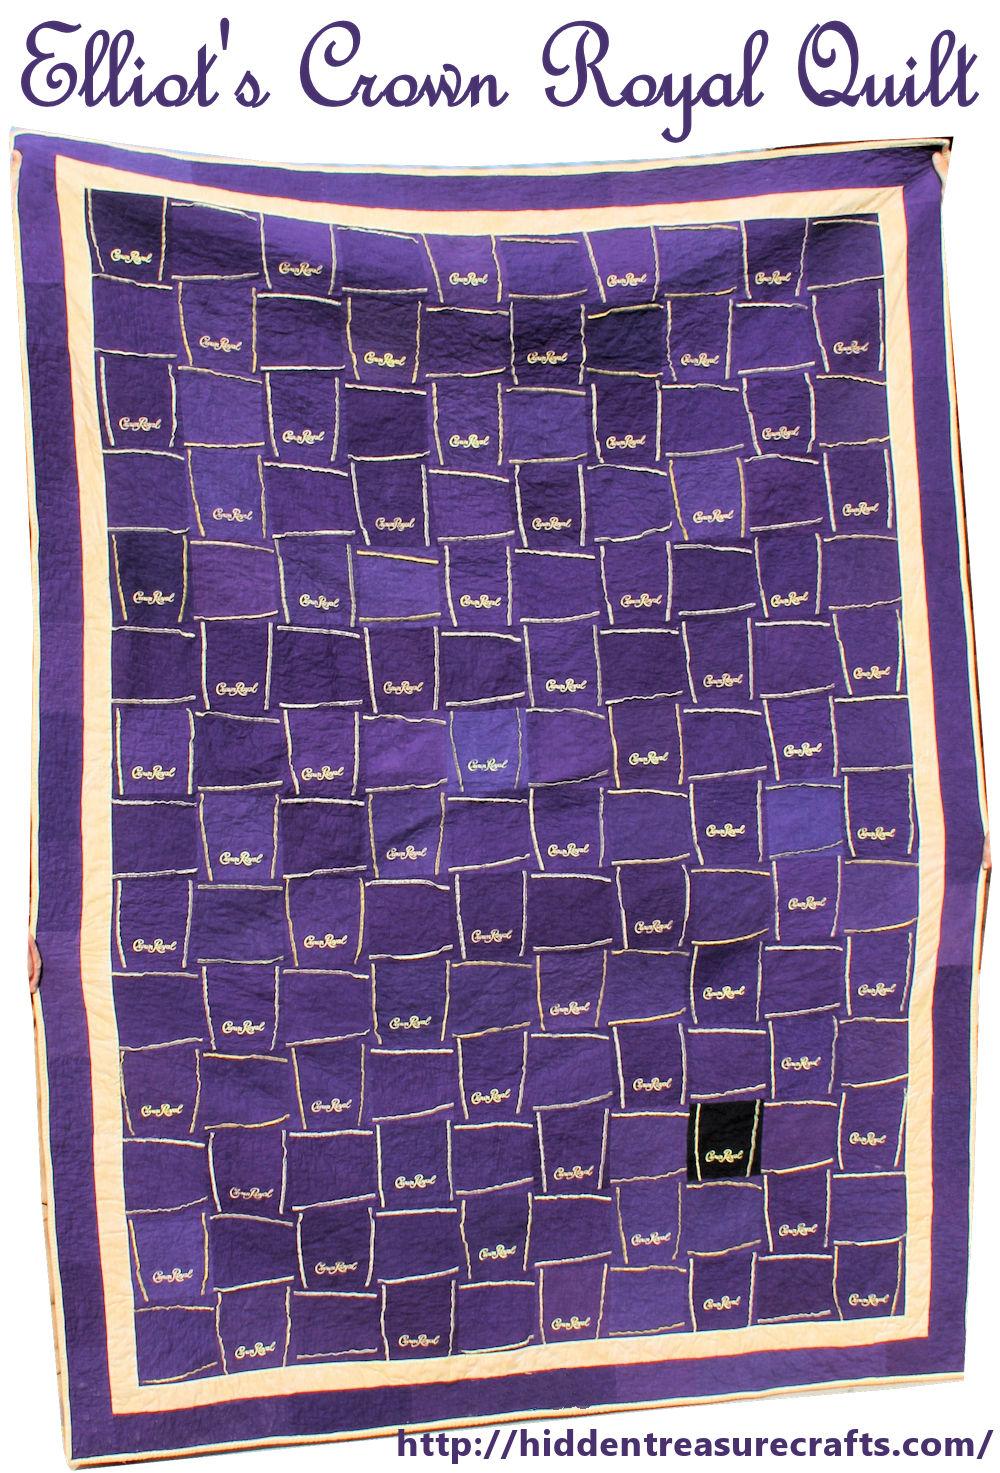 Elliot's Crown Royal Quilt